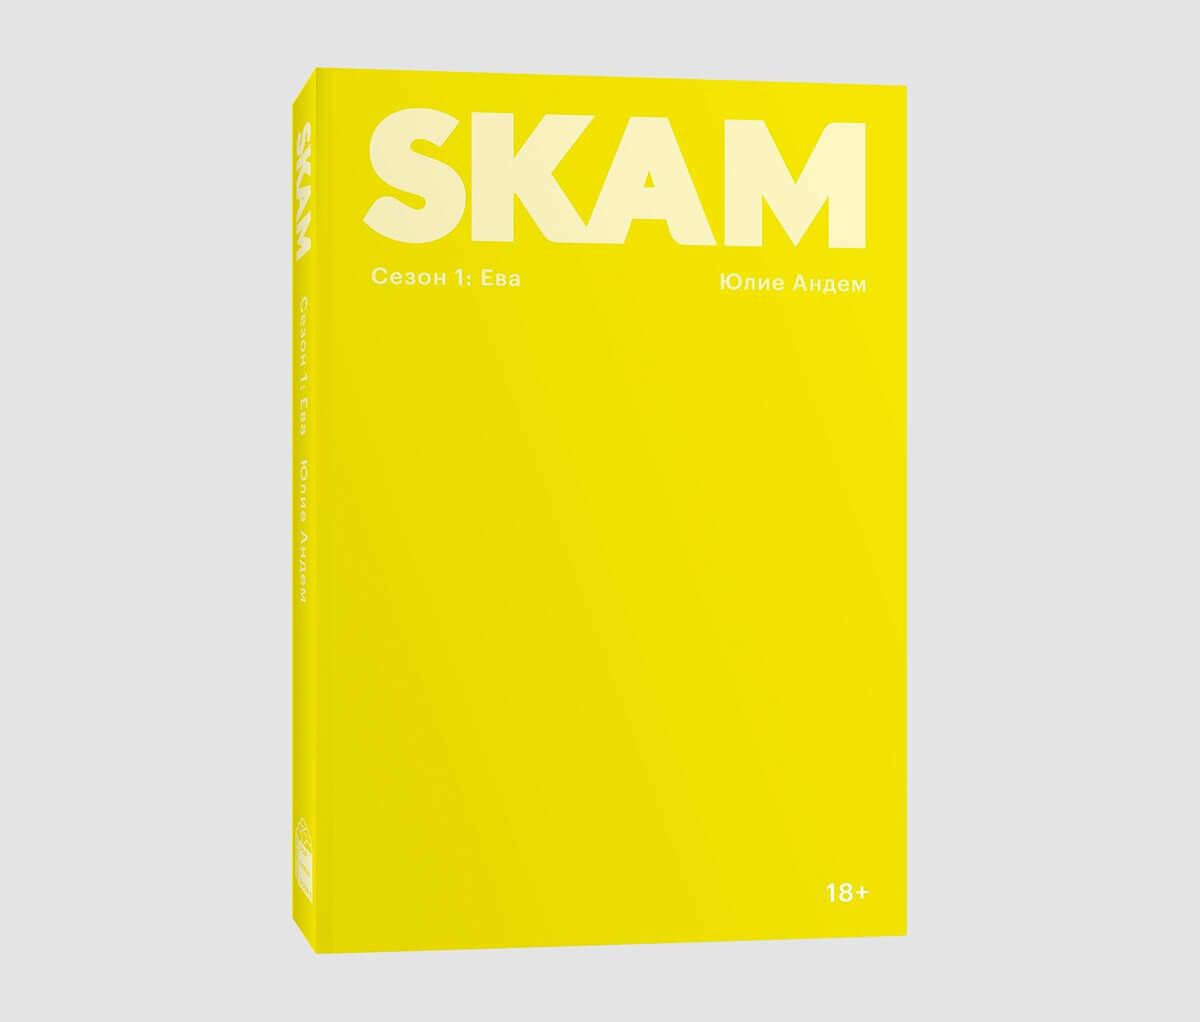 Книга «SKAM. Сезон 1: Ева» Юлие Андем